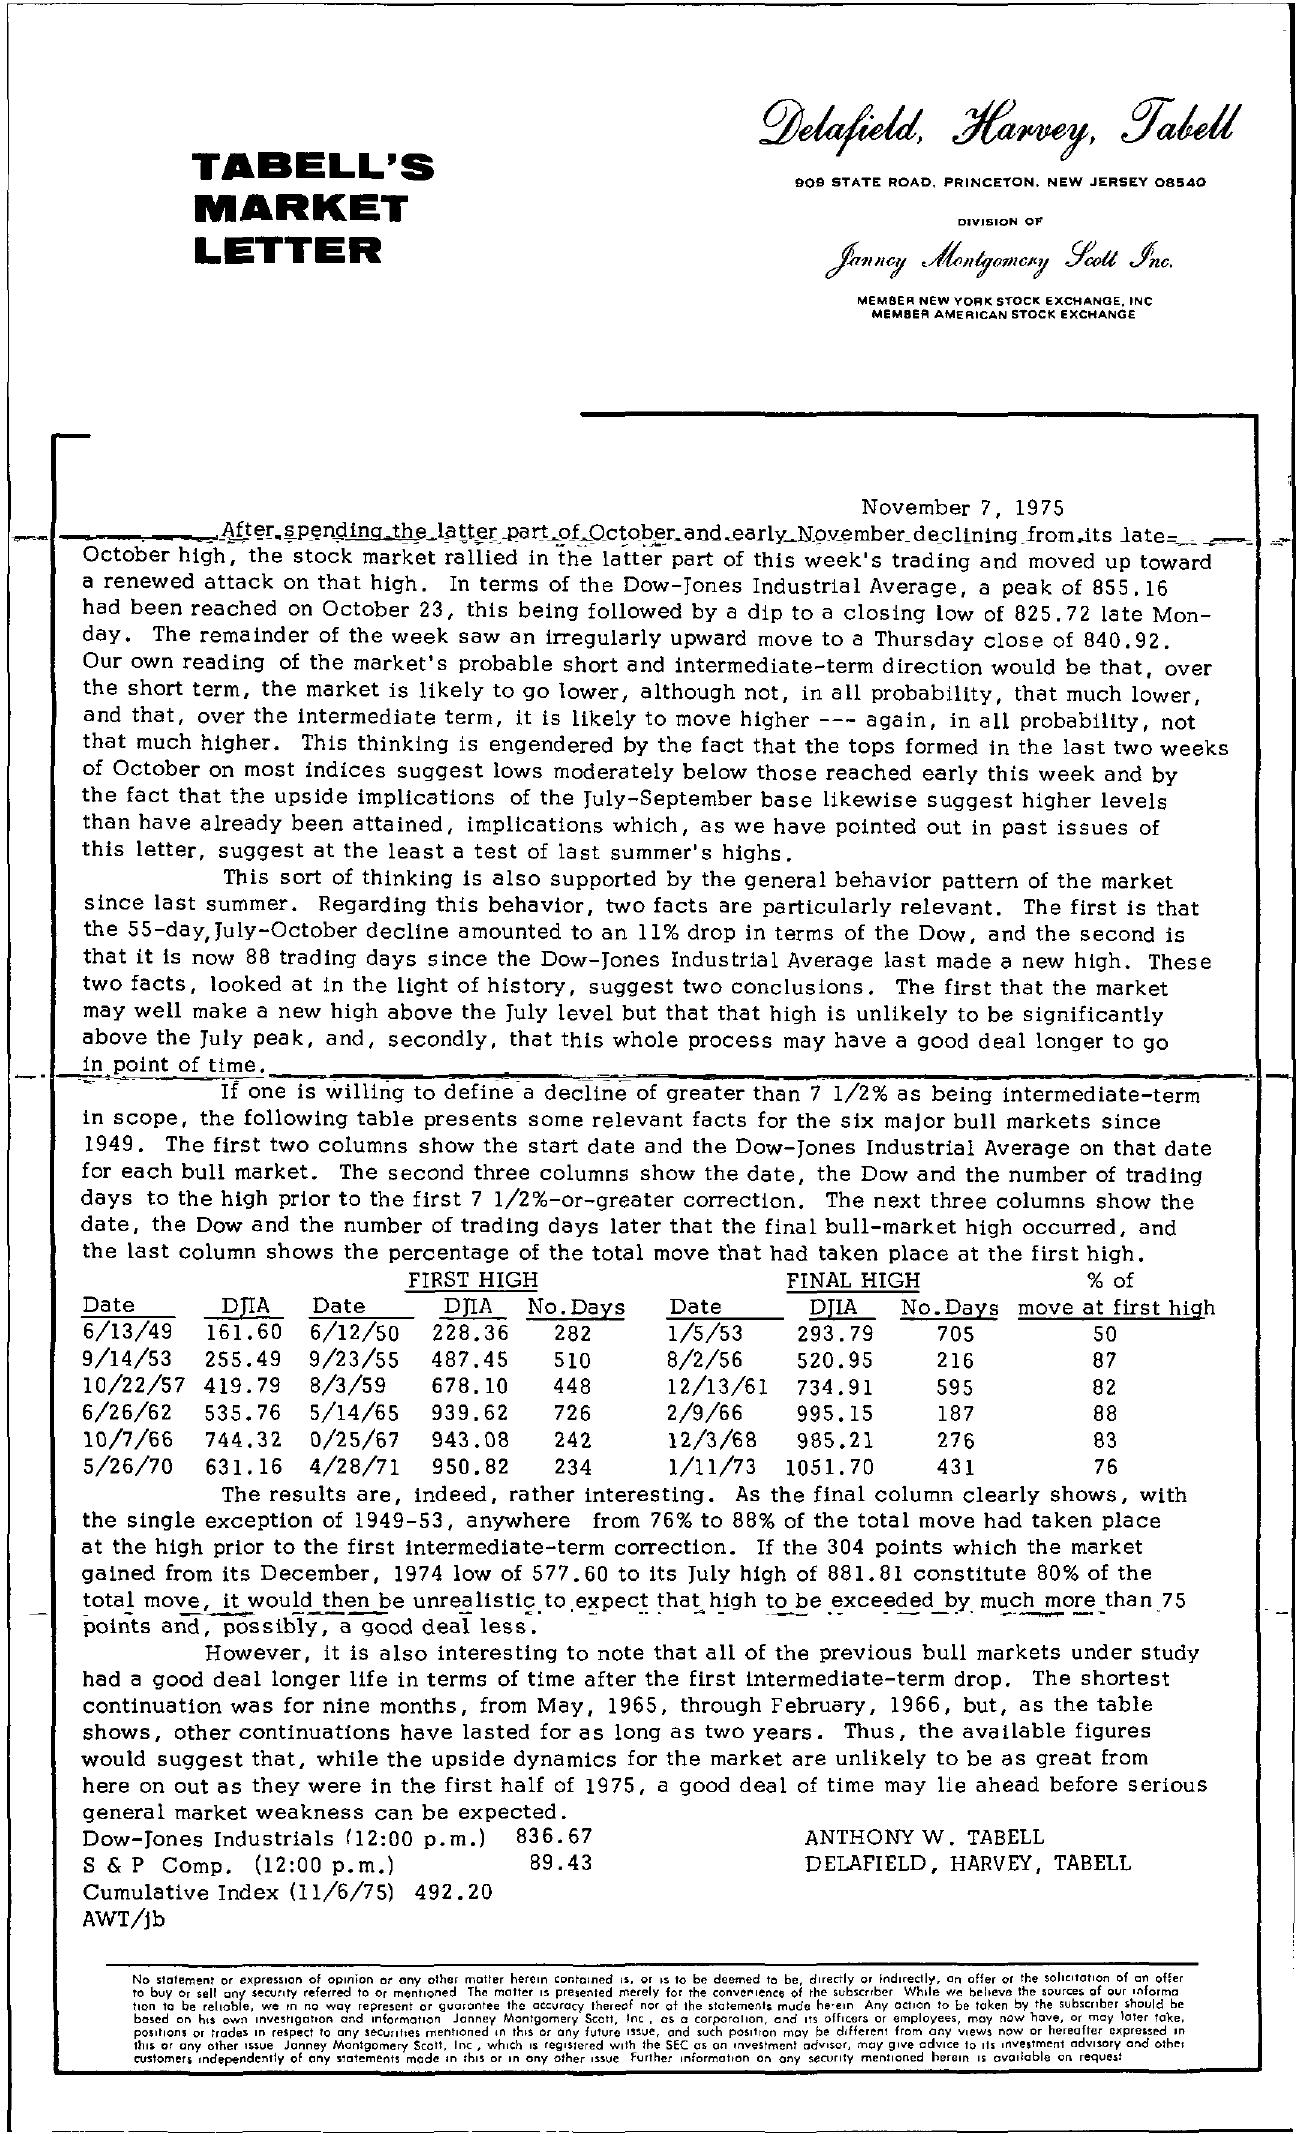 Tabell's Market Letter - November 07, 1975